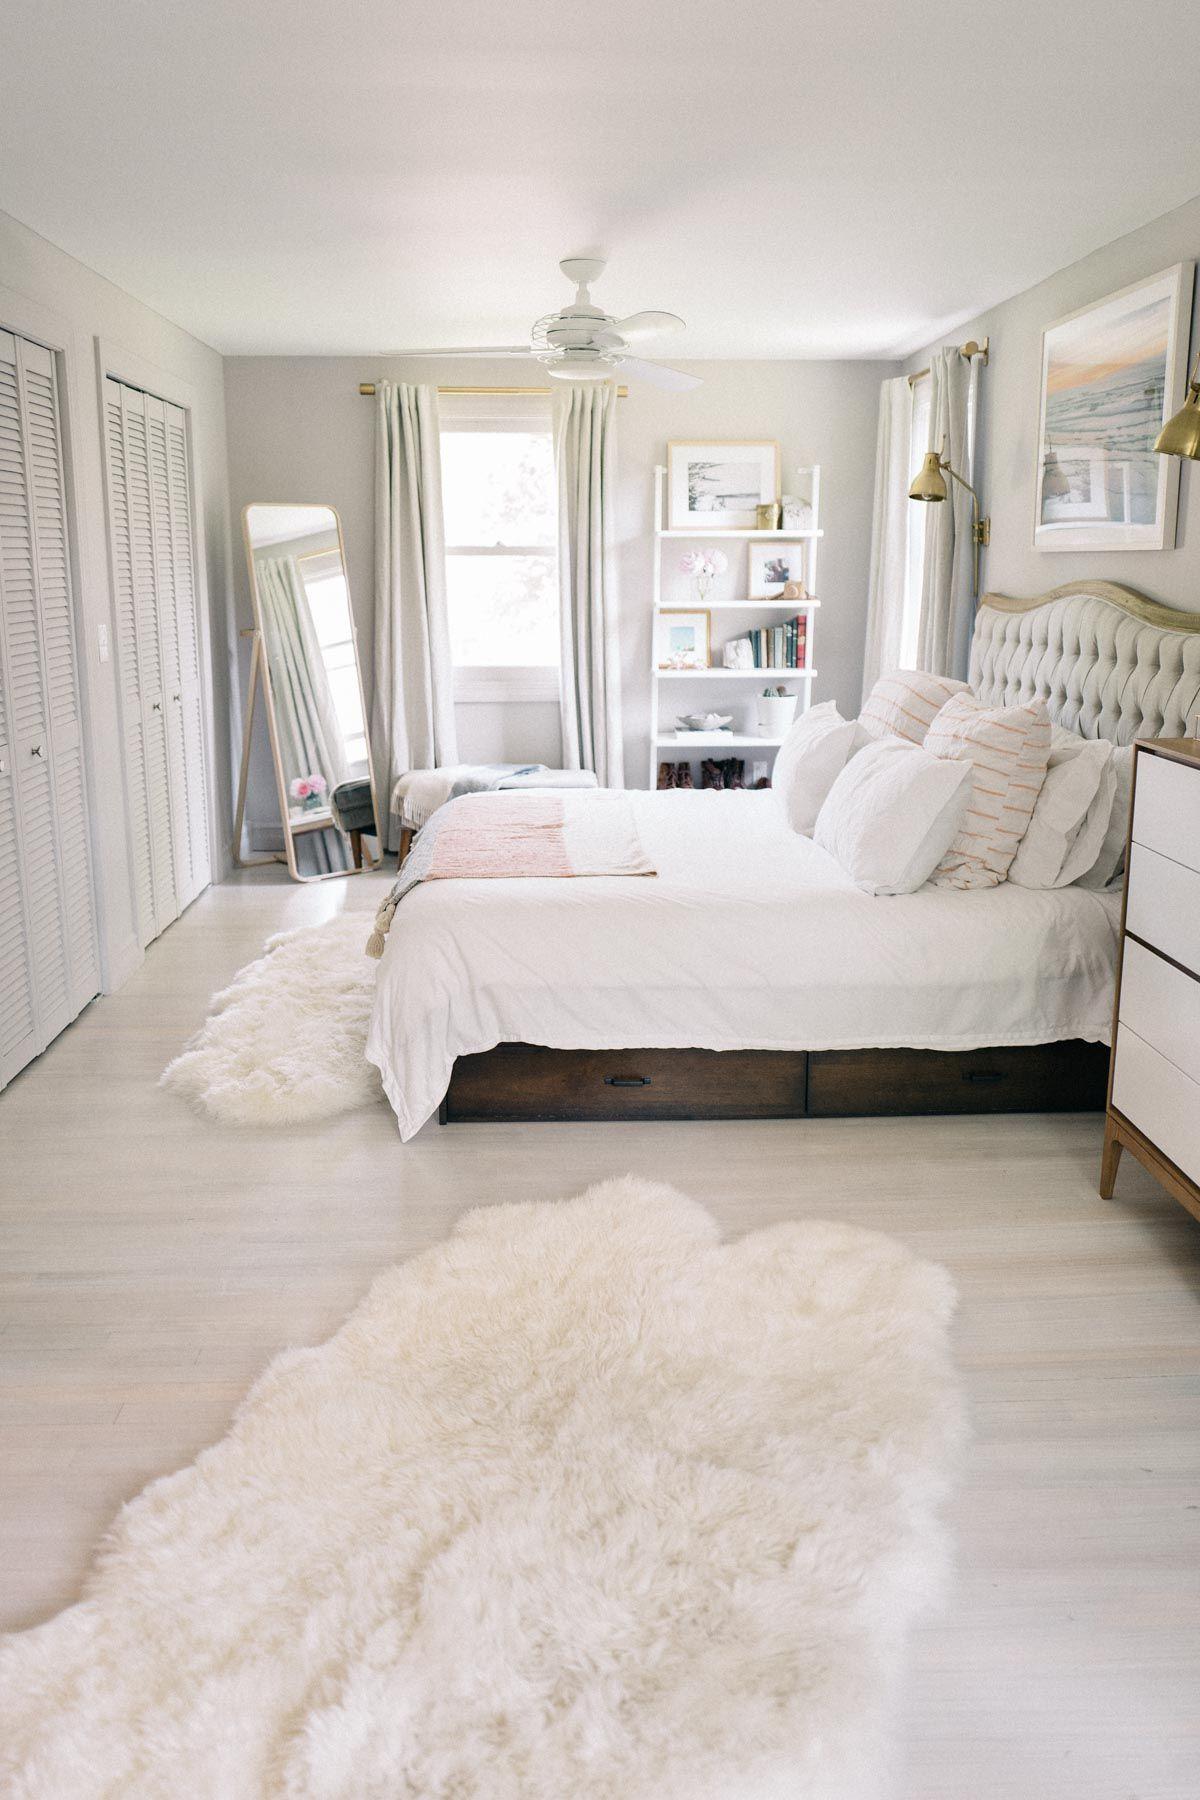 Trending Bedroom Redesigns - June, 10  Master bedroom furniture